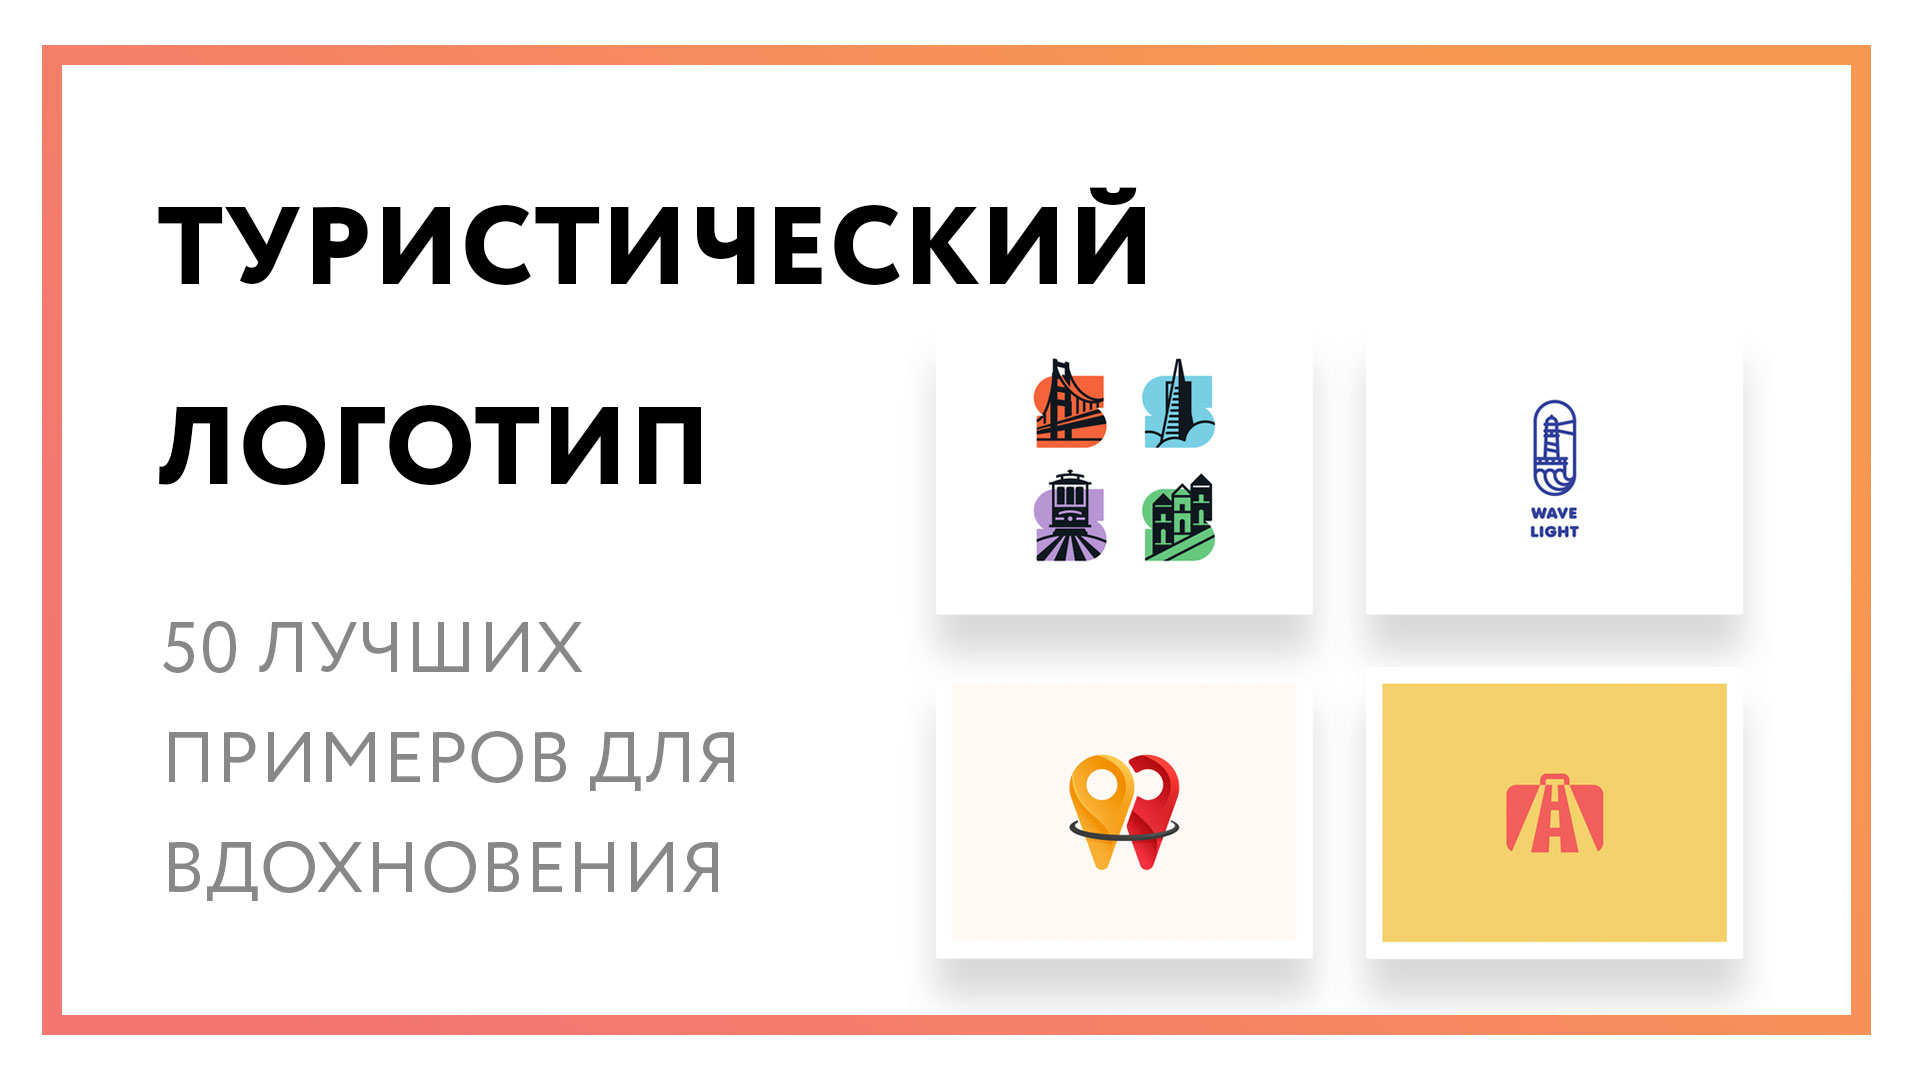 turisticheskij-logotip.jpg